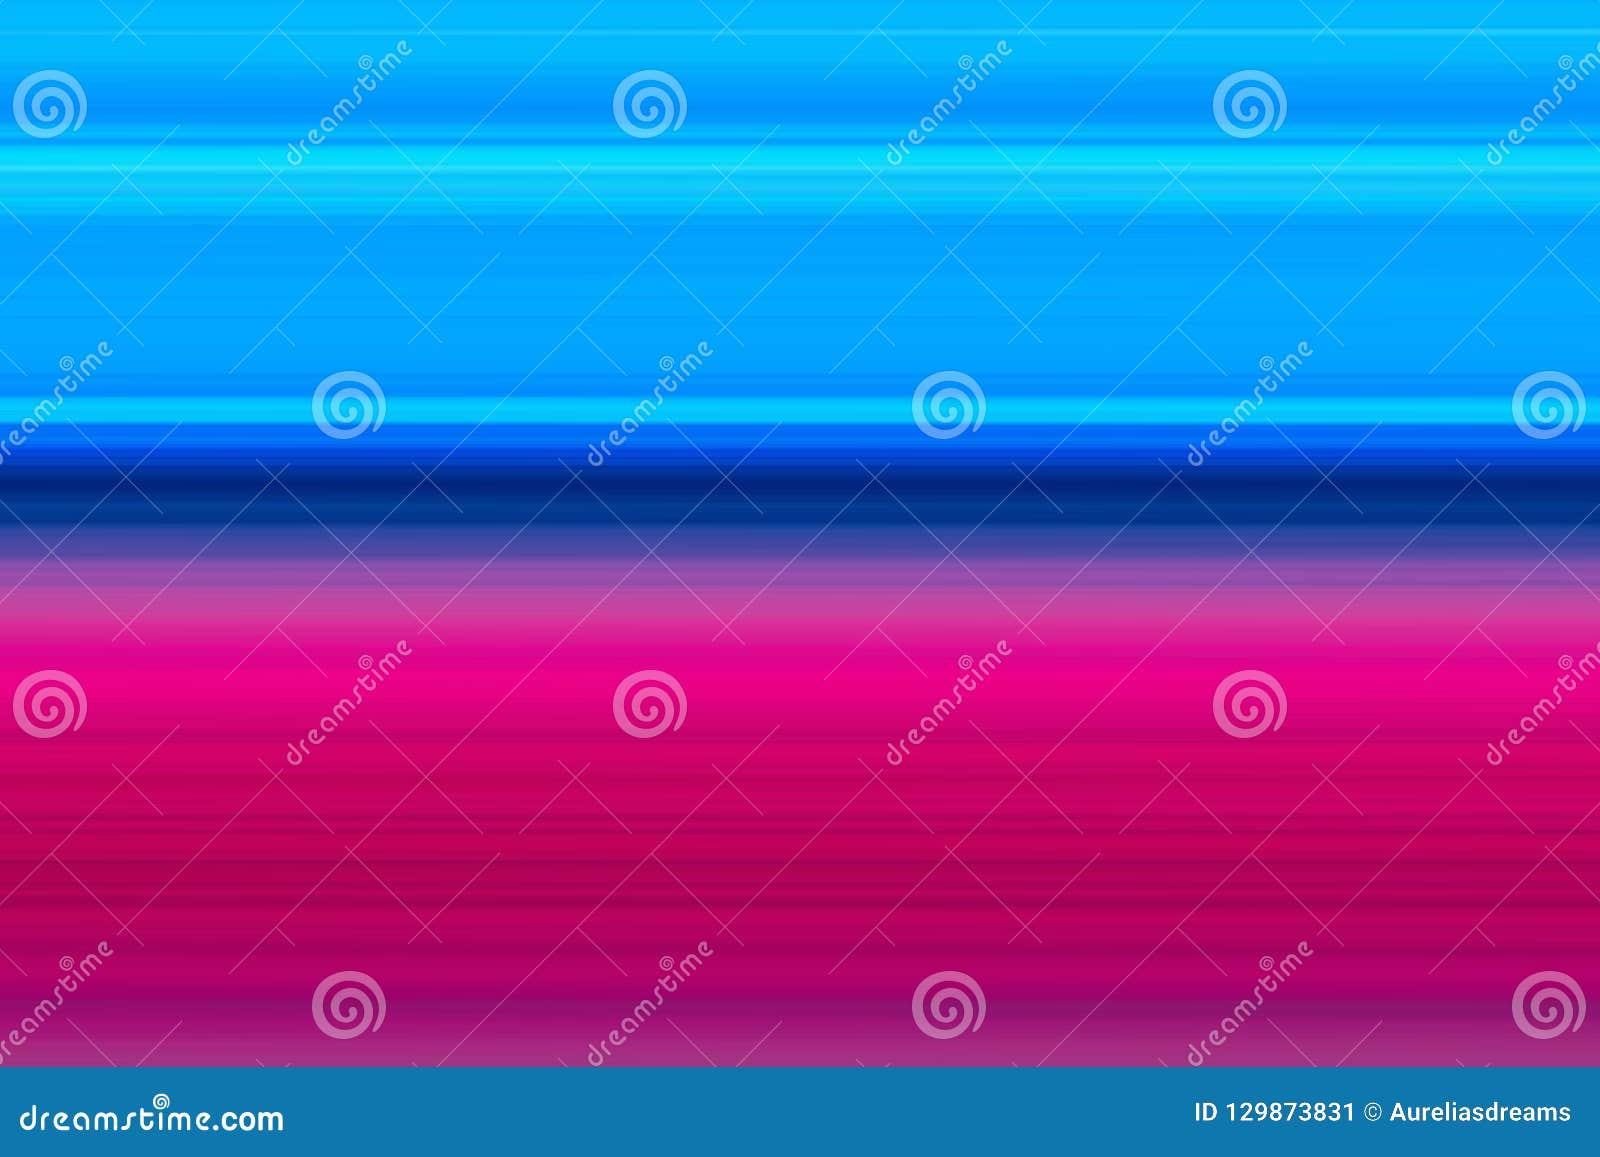 Ð ¡ horyzontalnych linii olorful abstrakcjonistyczny jaskrawy tło, tekstura w lecie tonuje